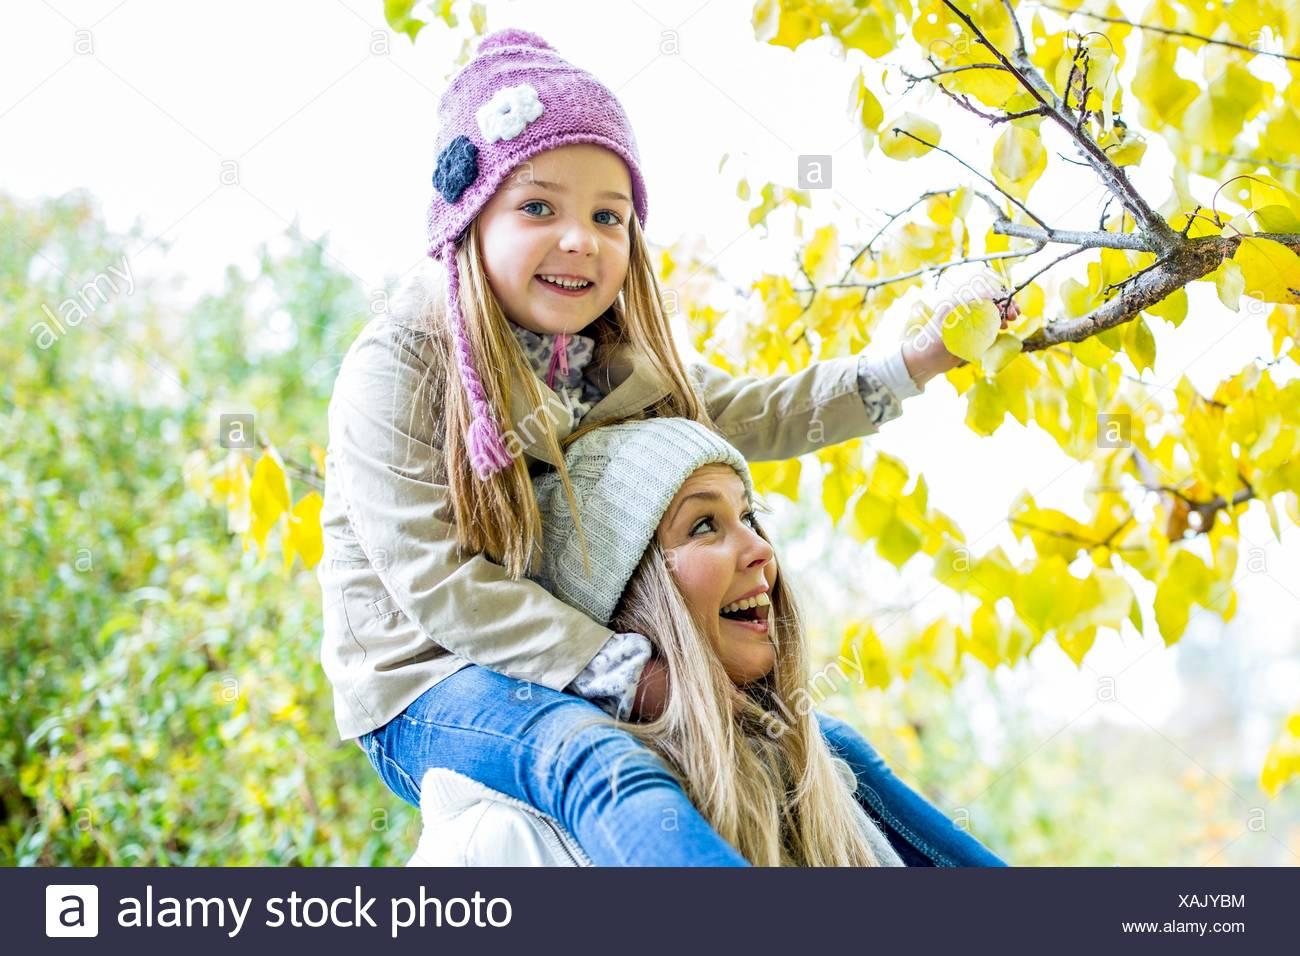 -MODELL VERÖFFENTLICHT. Mutter Tochter auf den Schultern tragen und Niederlassung im Herbst zu betrachten. Stockbild